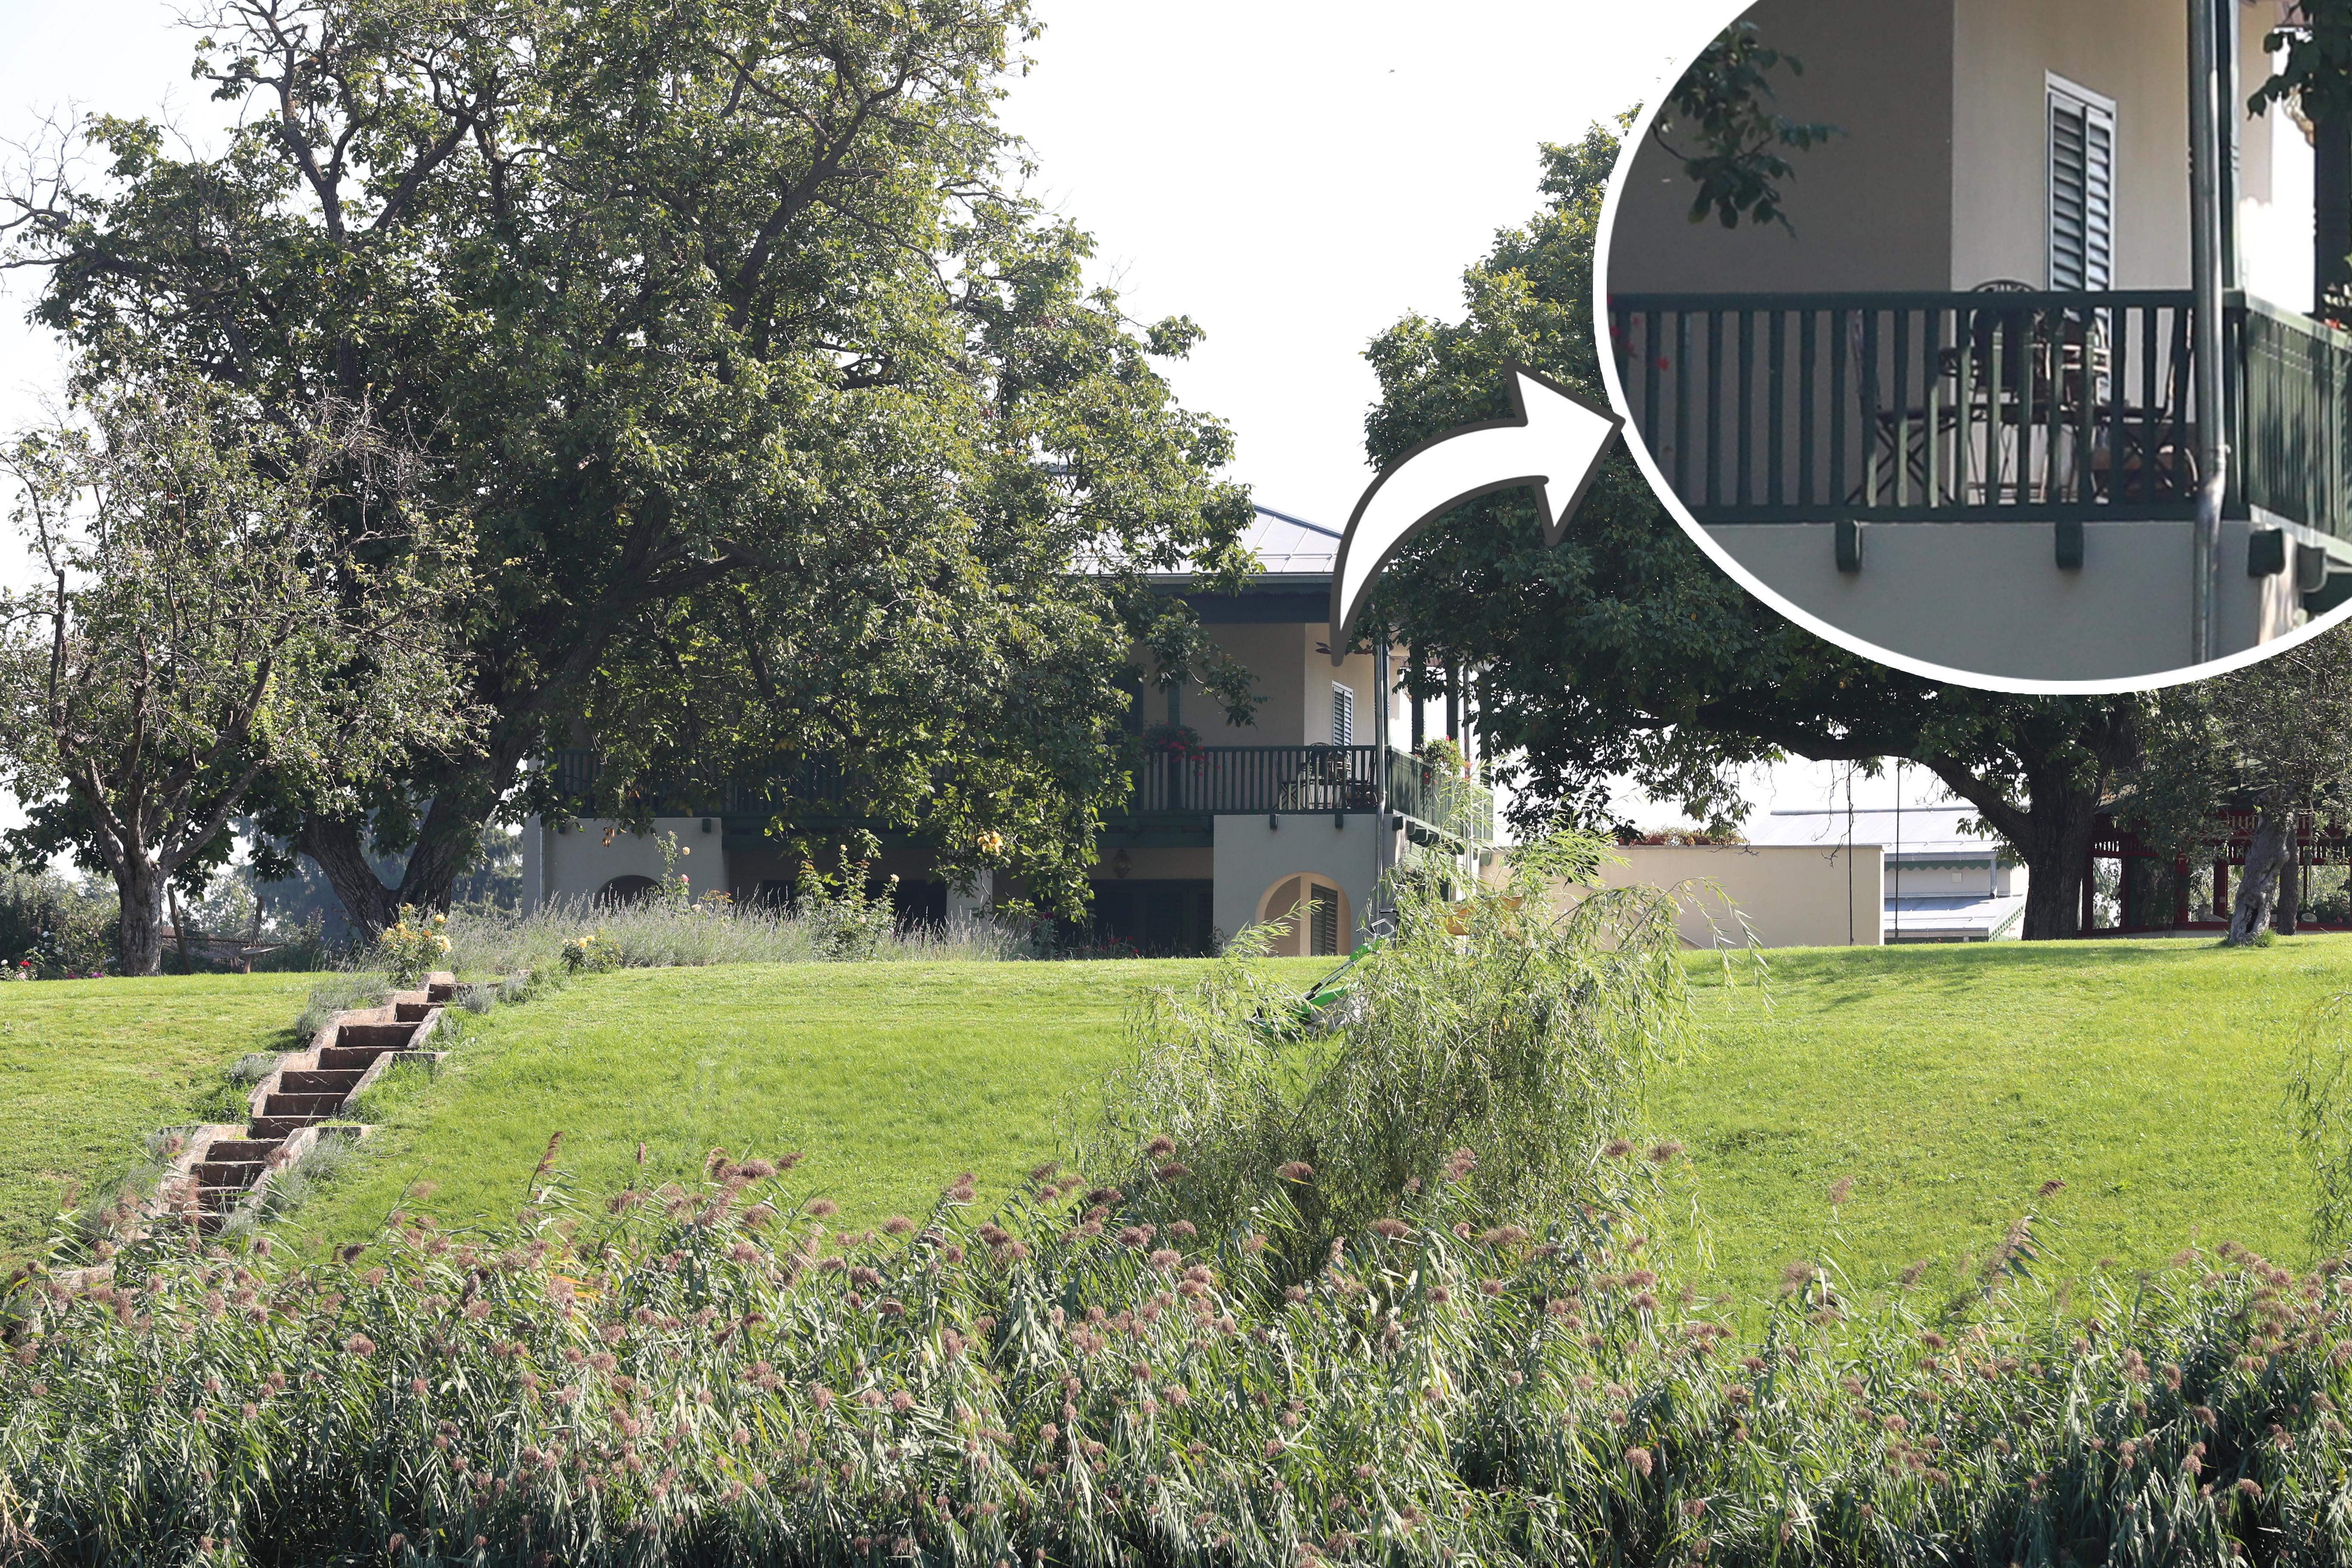 Casa de la Snagov care aparţine familiei Stratan este acum pustie, cu obloanele trase, după ce Mădălina a plecat împreună cu fetiţa ei